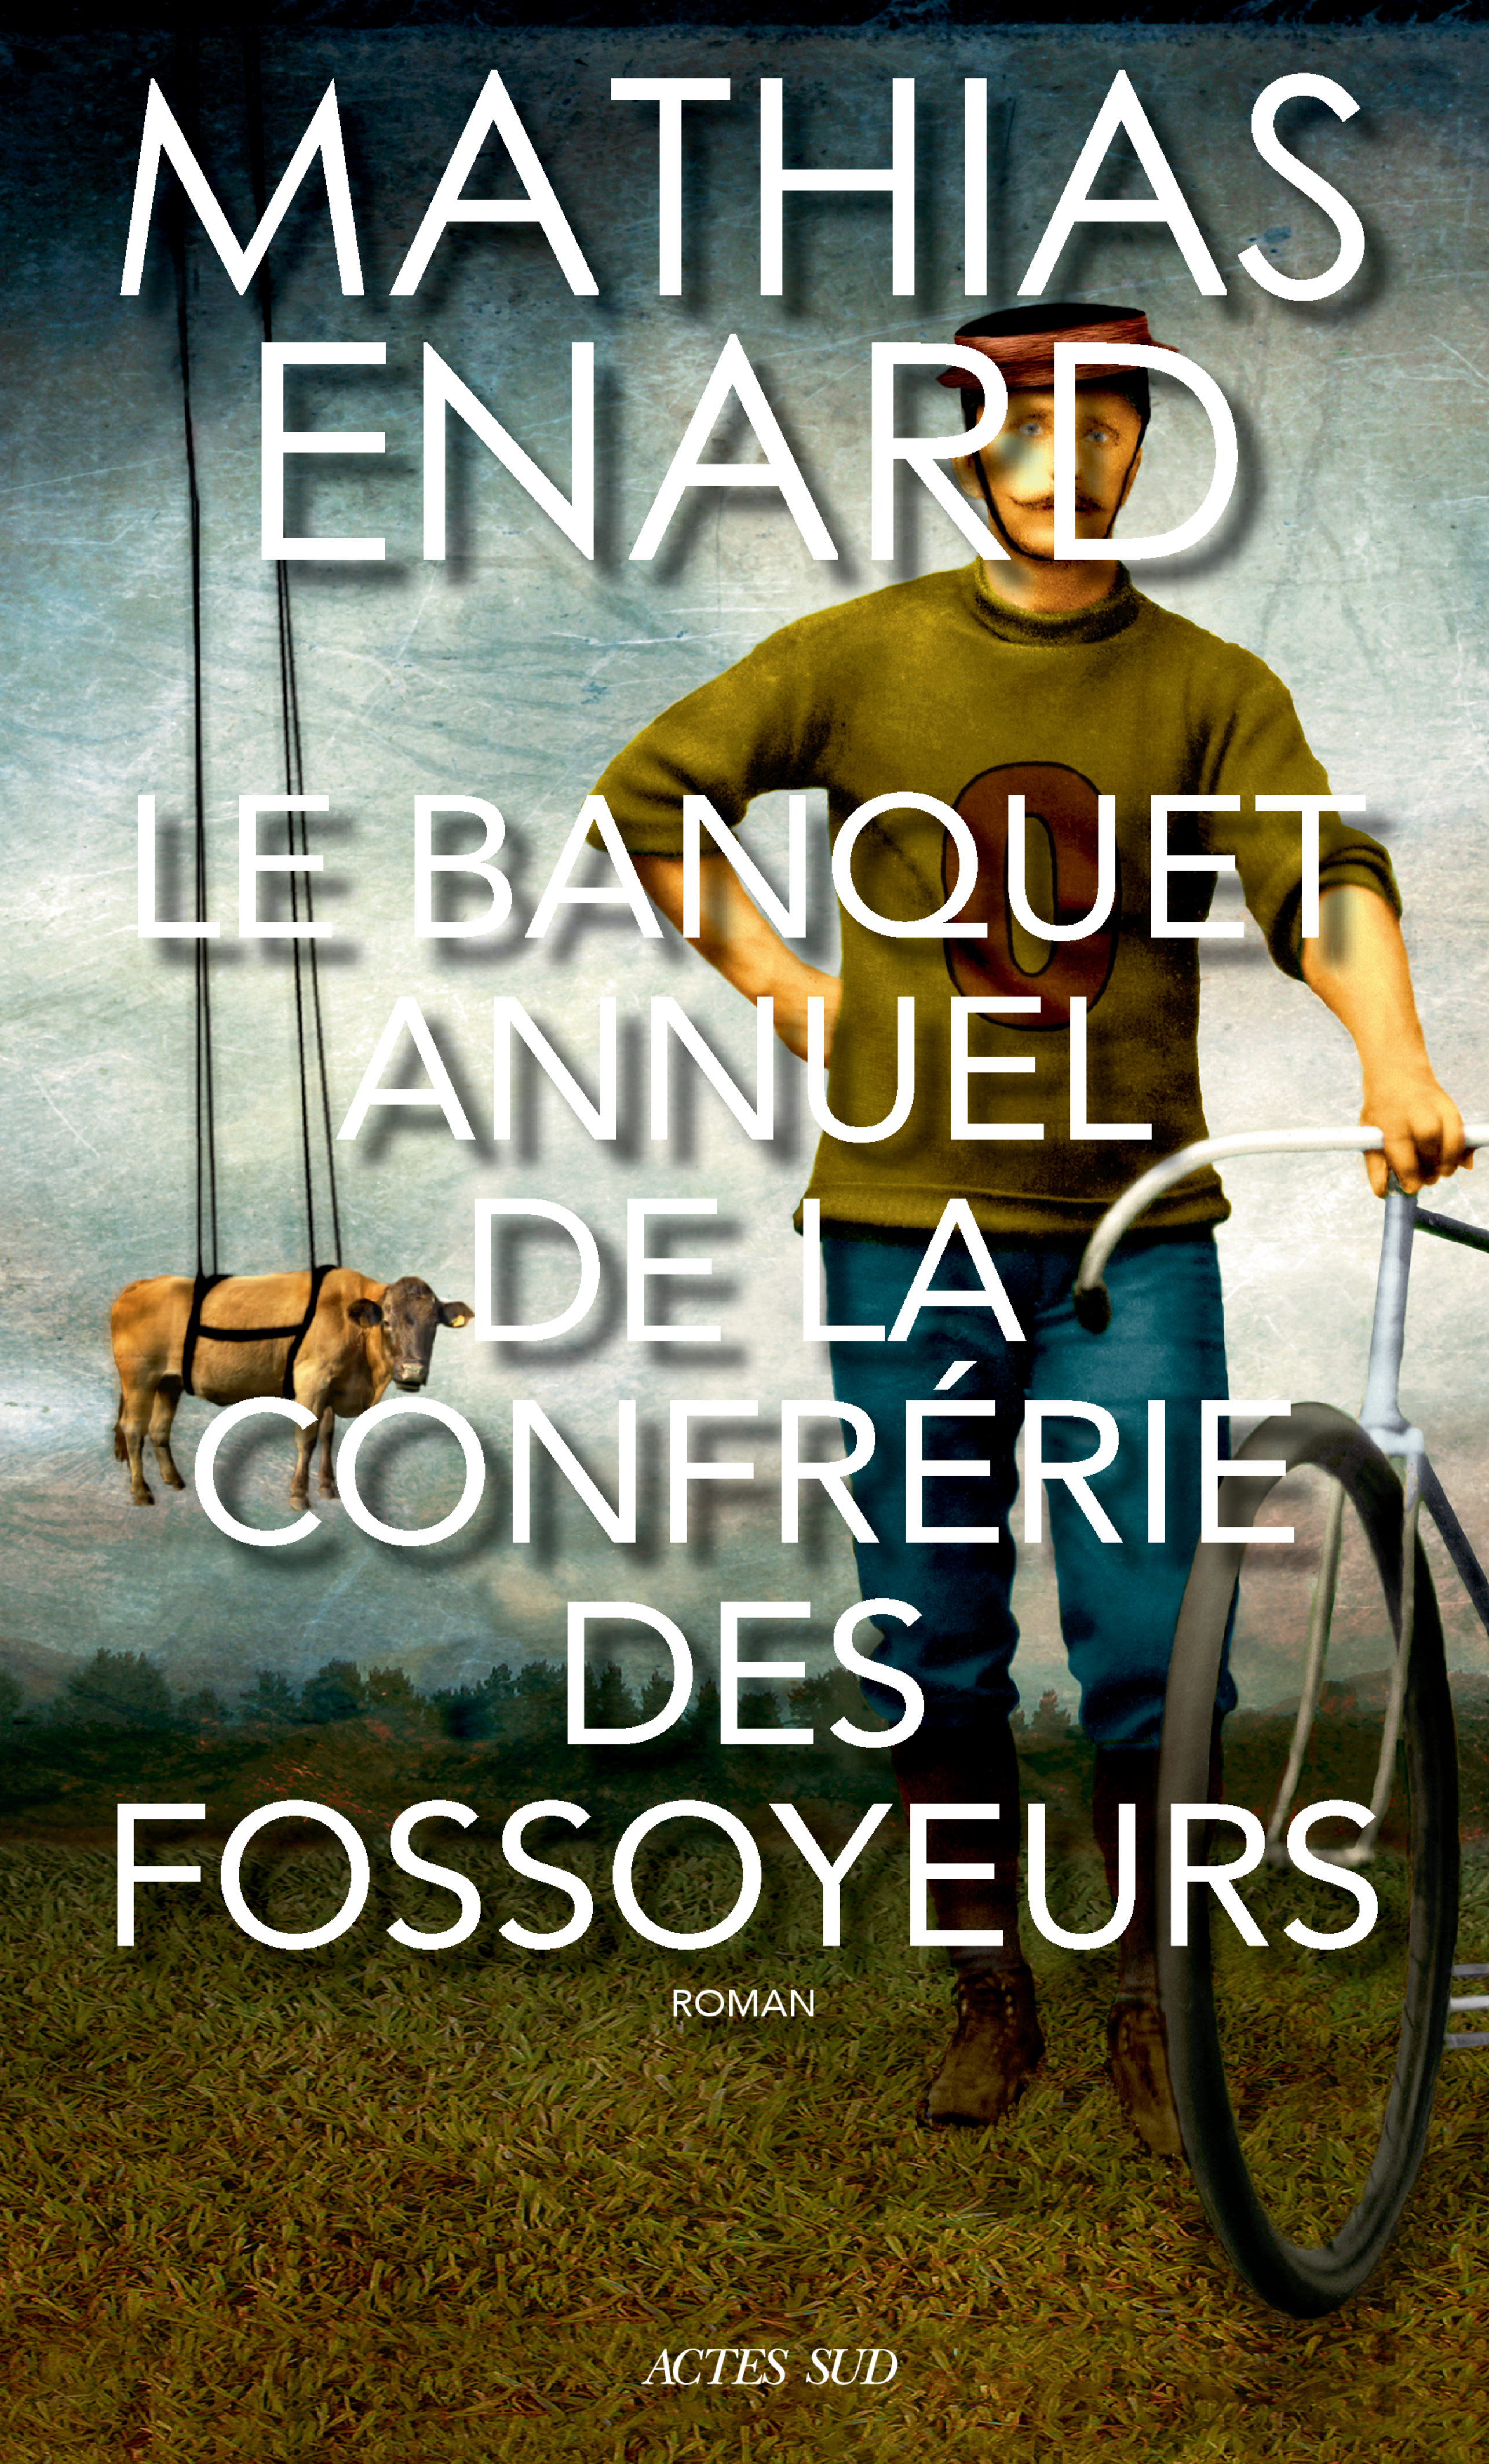 LE BANQUET ANNUEL DE LA CONFRERIE DES FOSSOYEURS